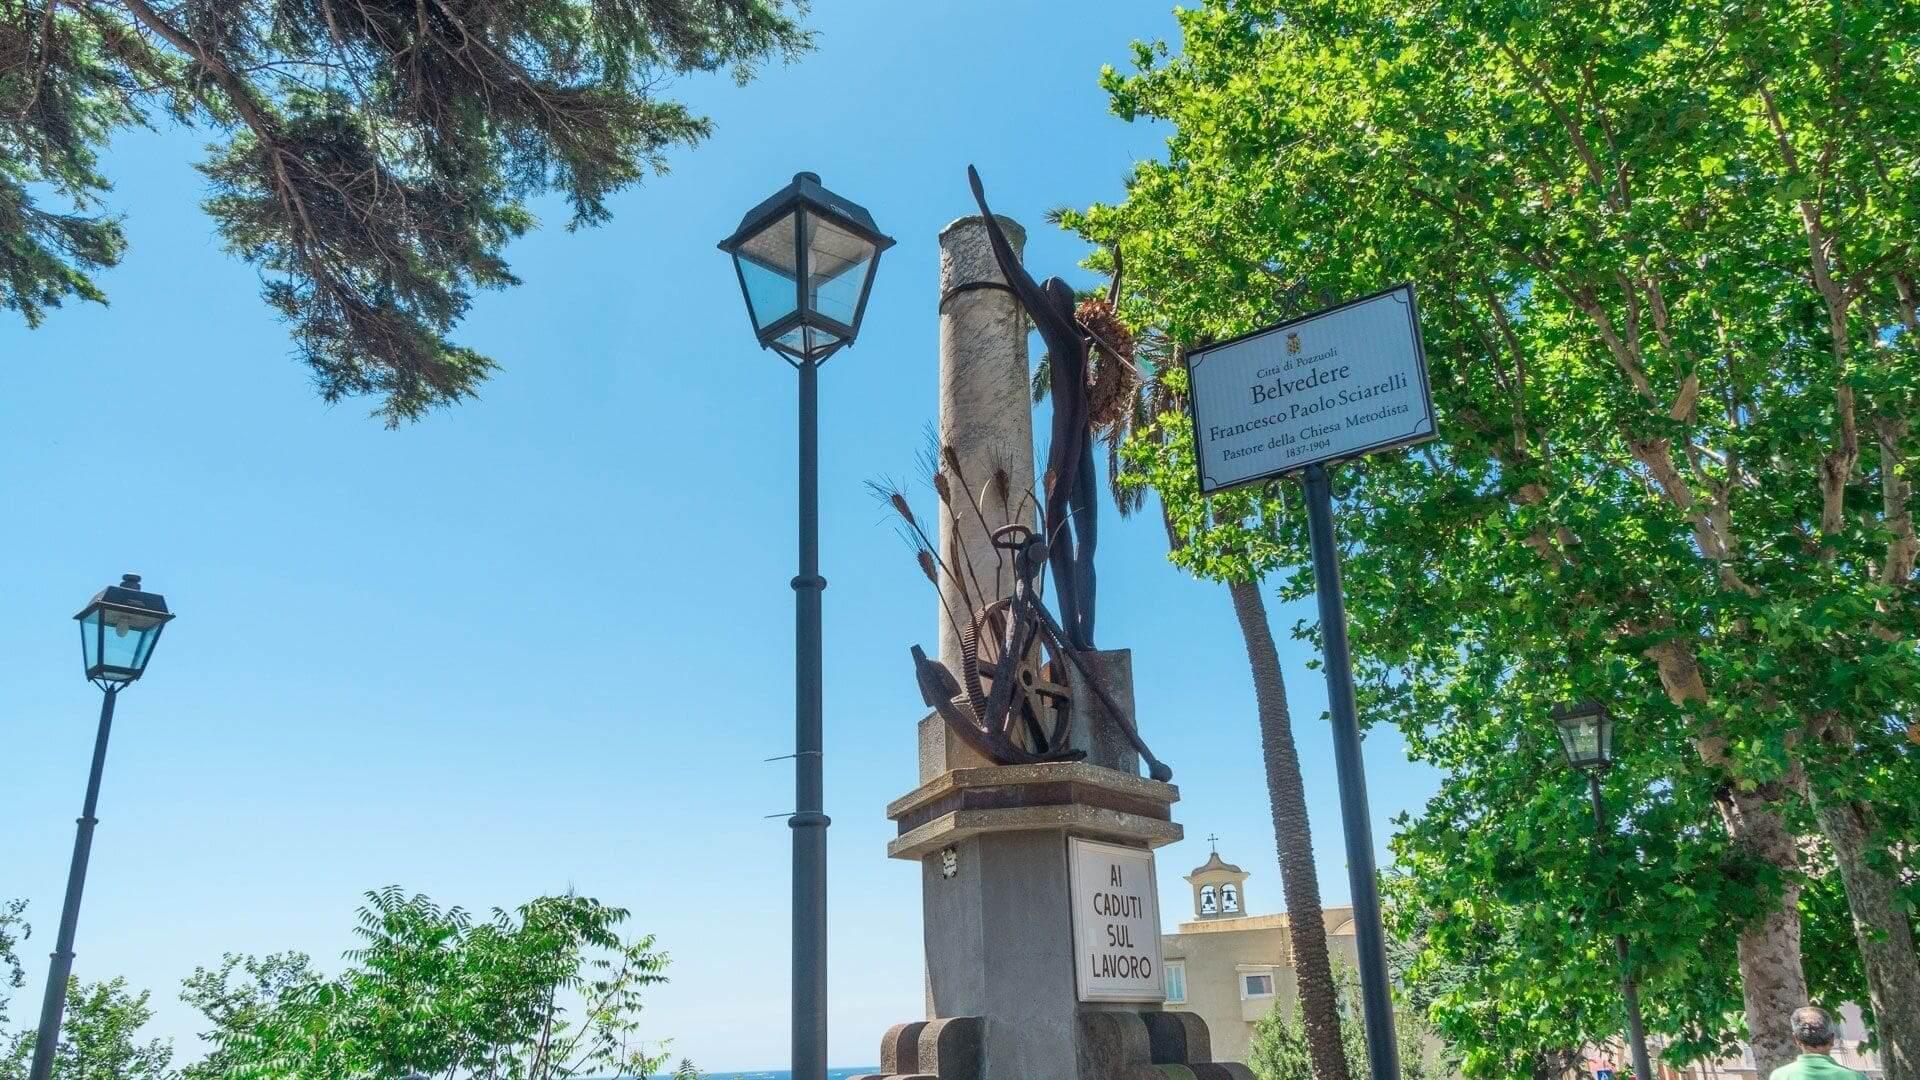 Monumento ai caduti sul lavoro: la memoria di Pozzuoli